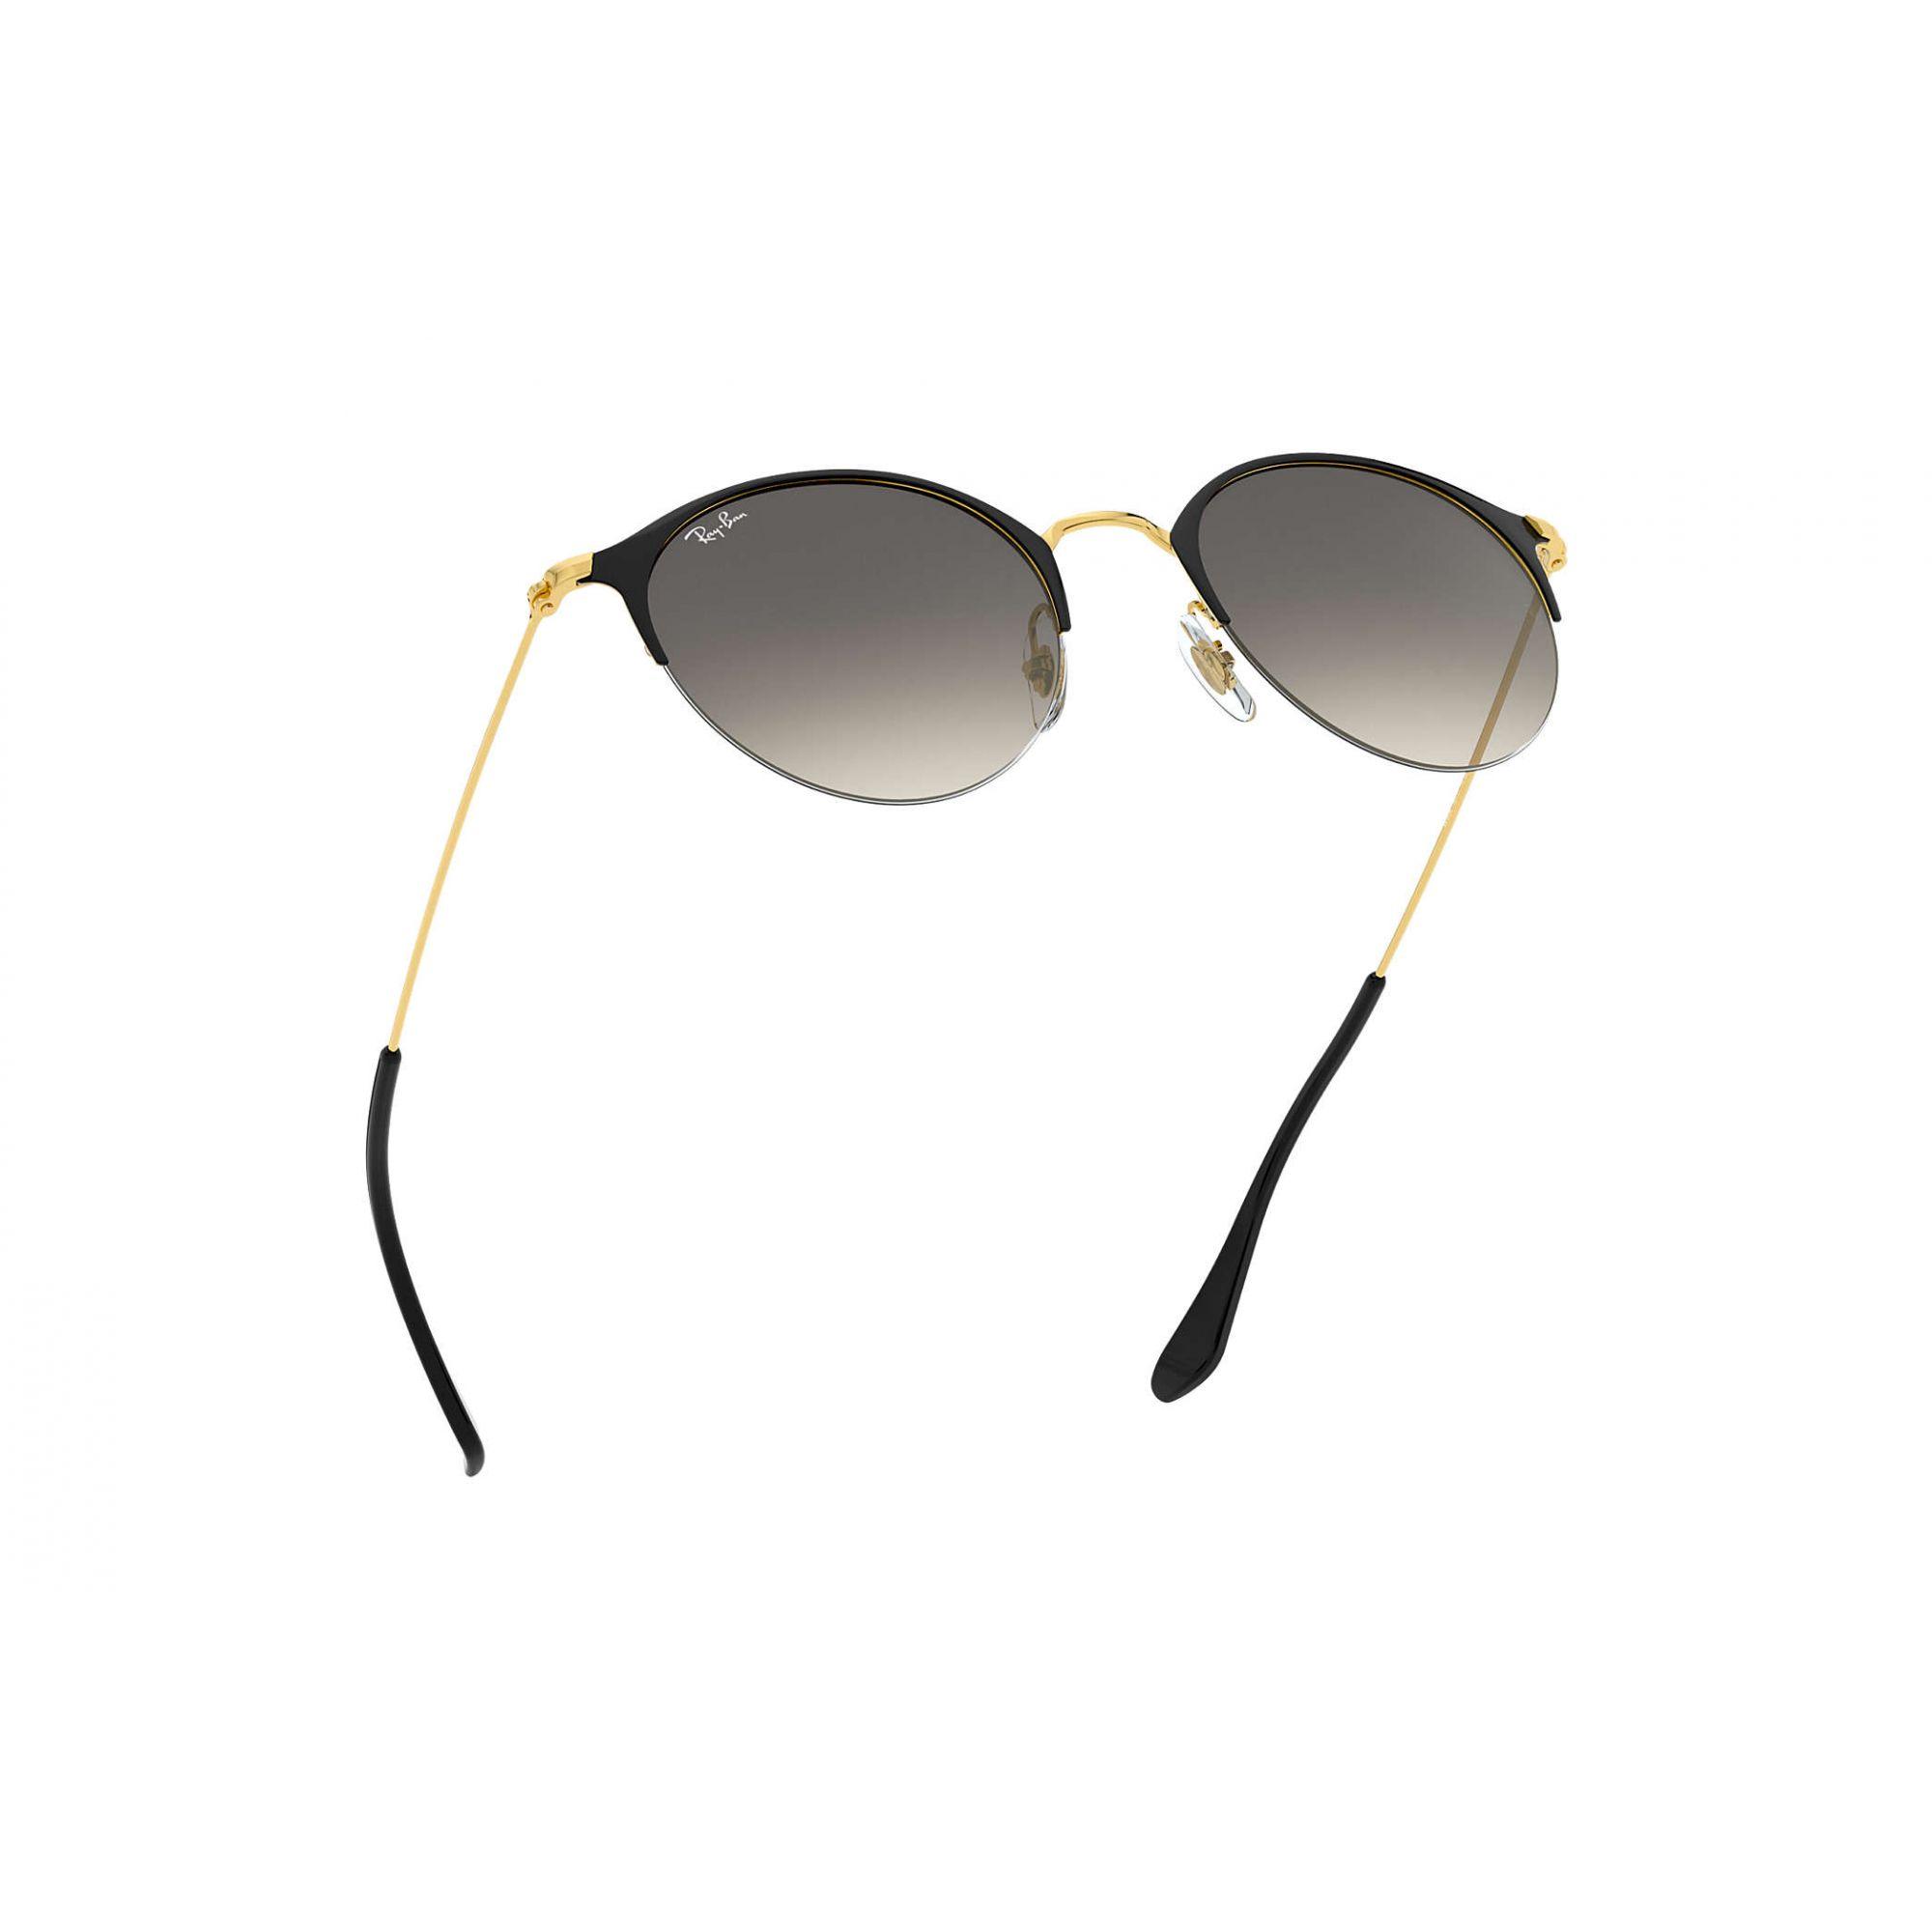 Ray Ban - RB3578 18711 - Óculos de sol